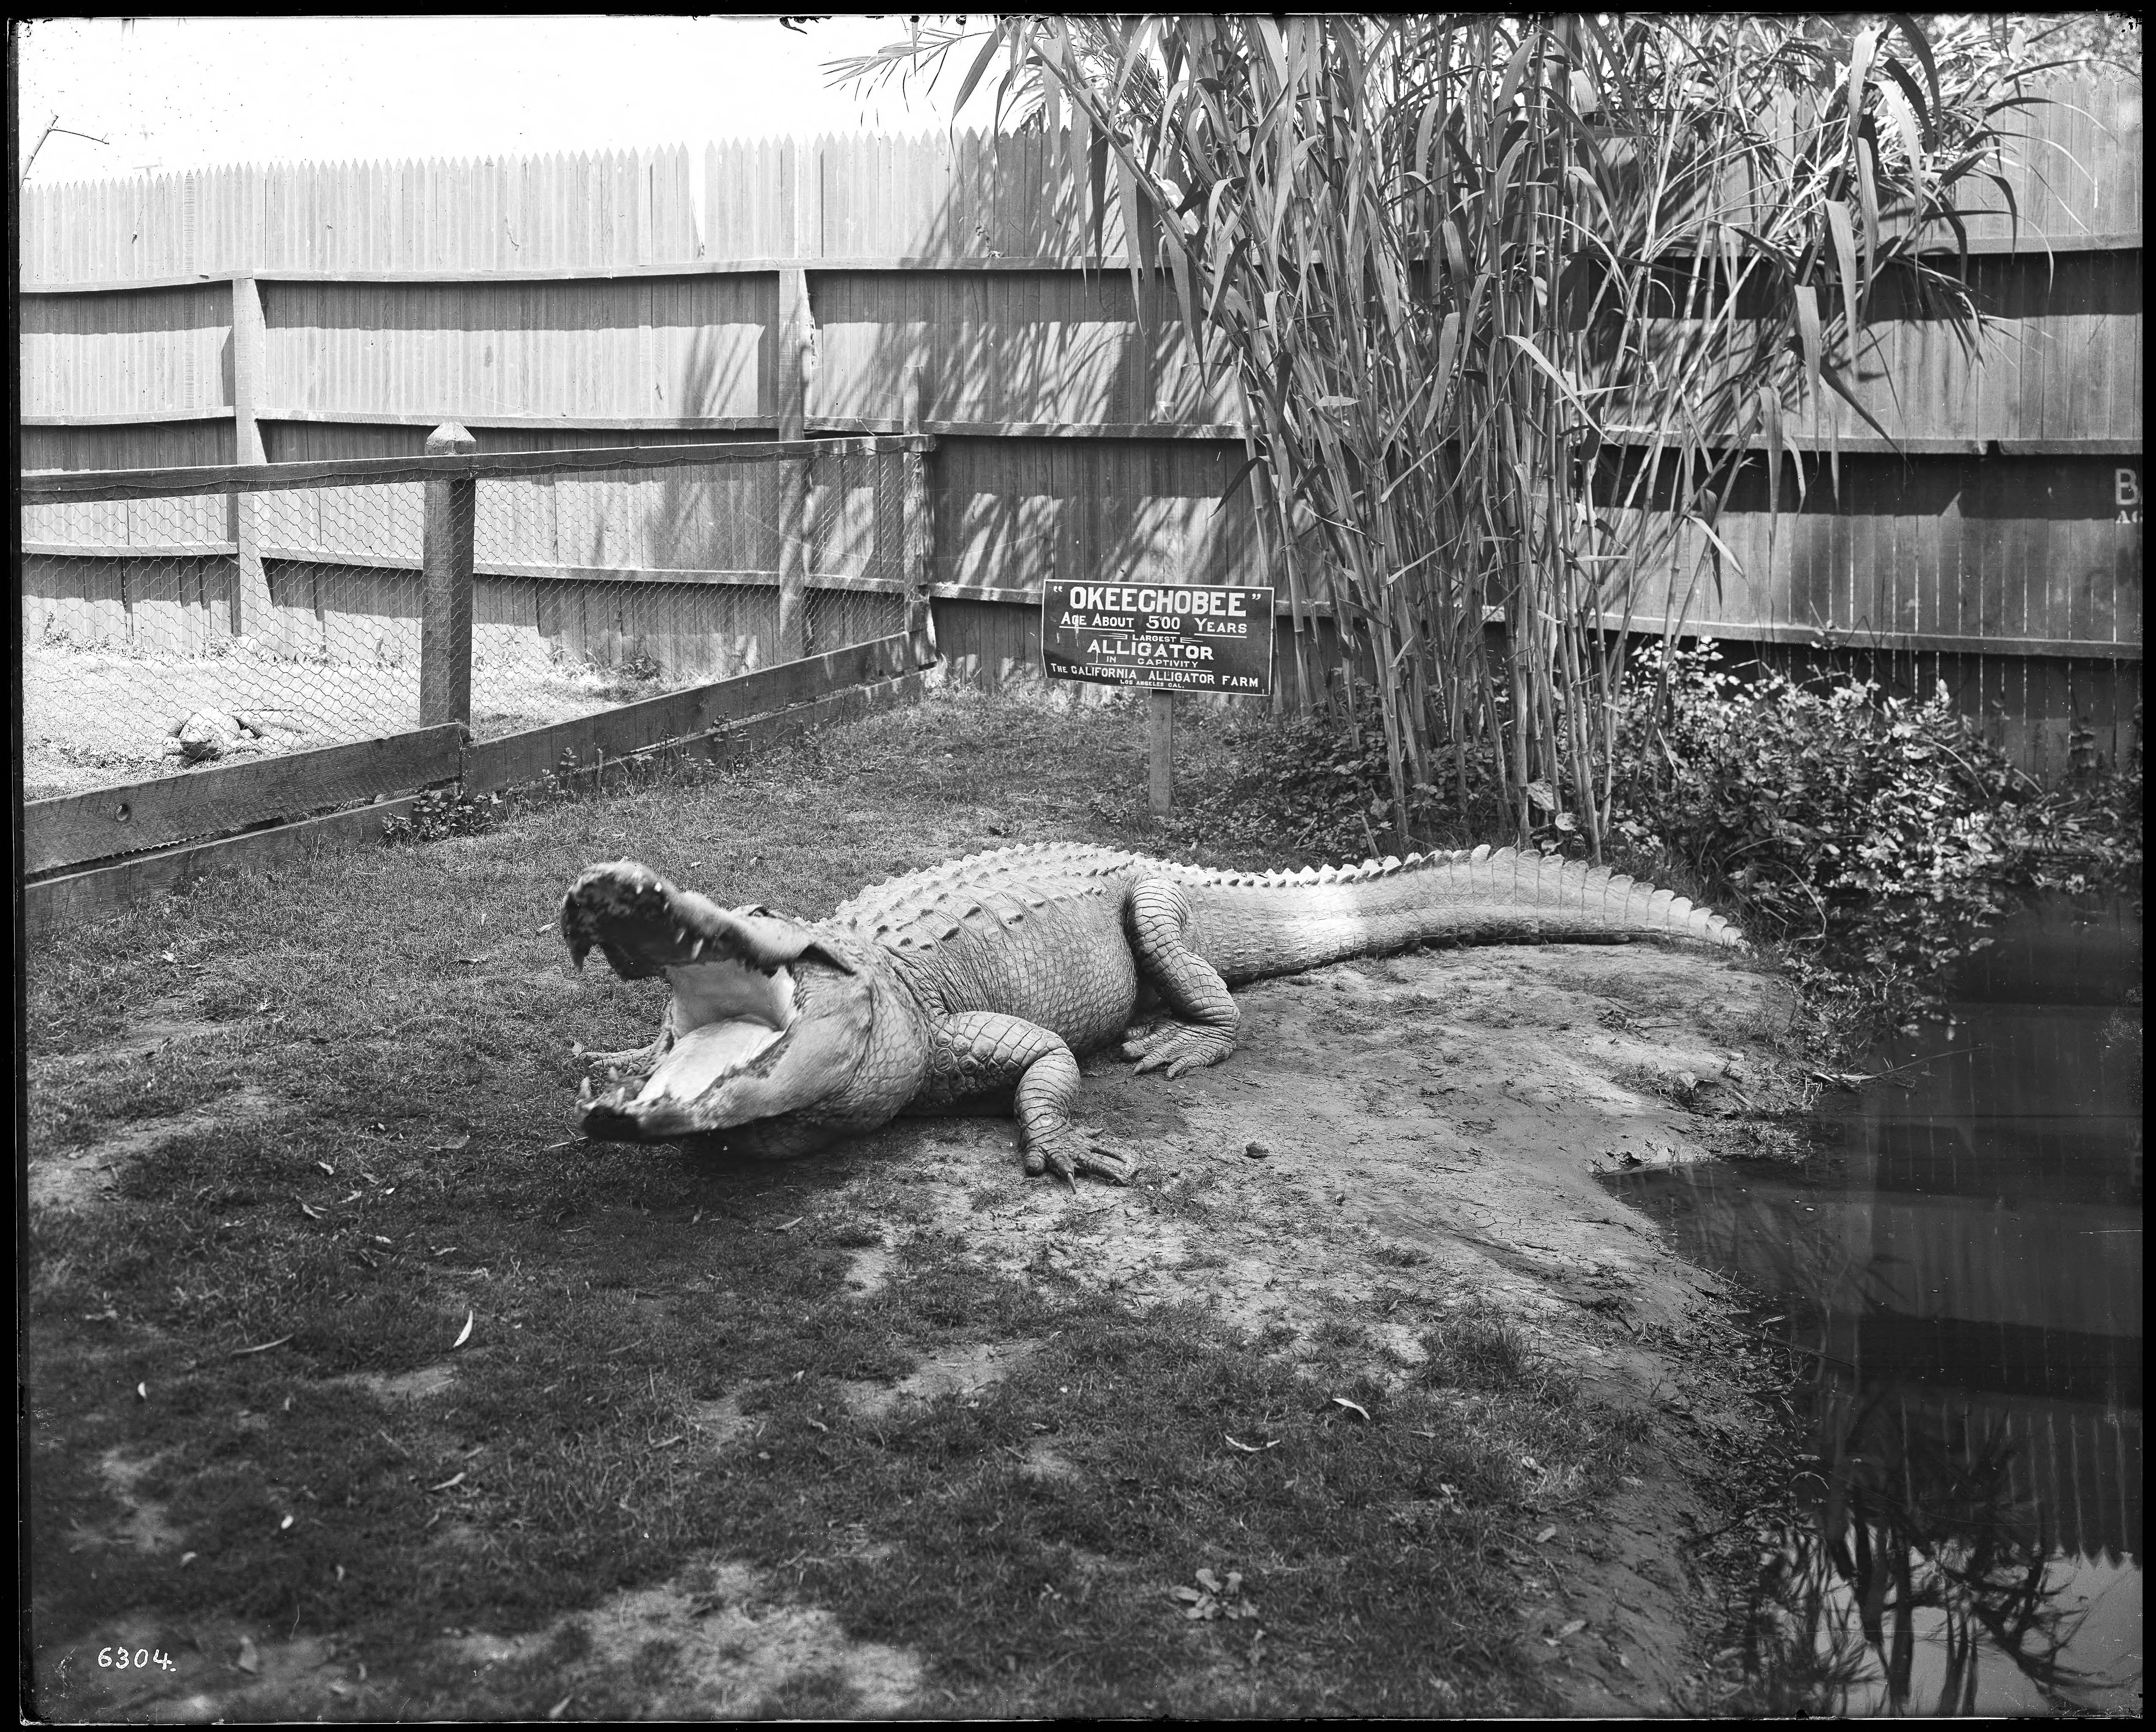 Alligator Glass